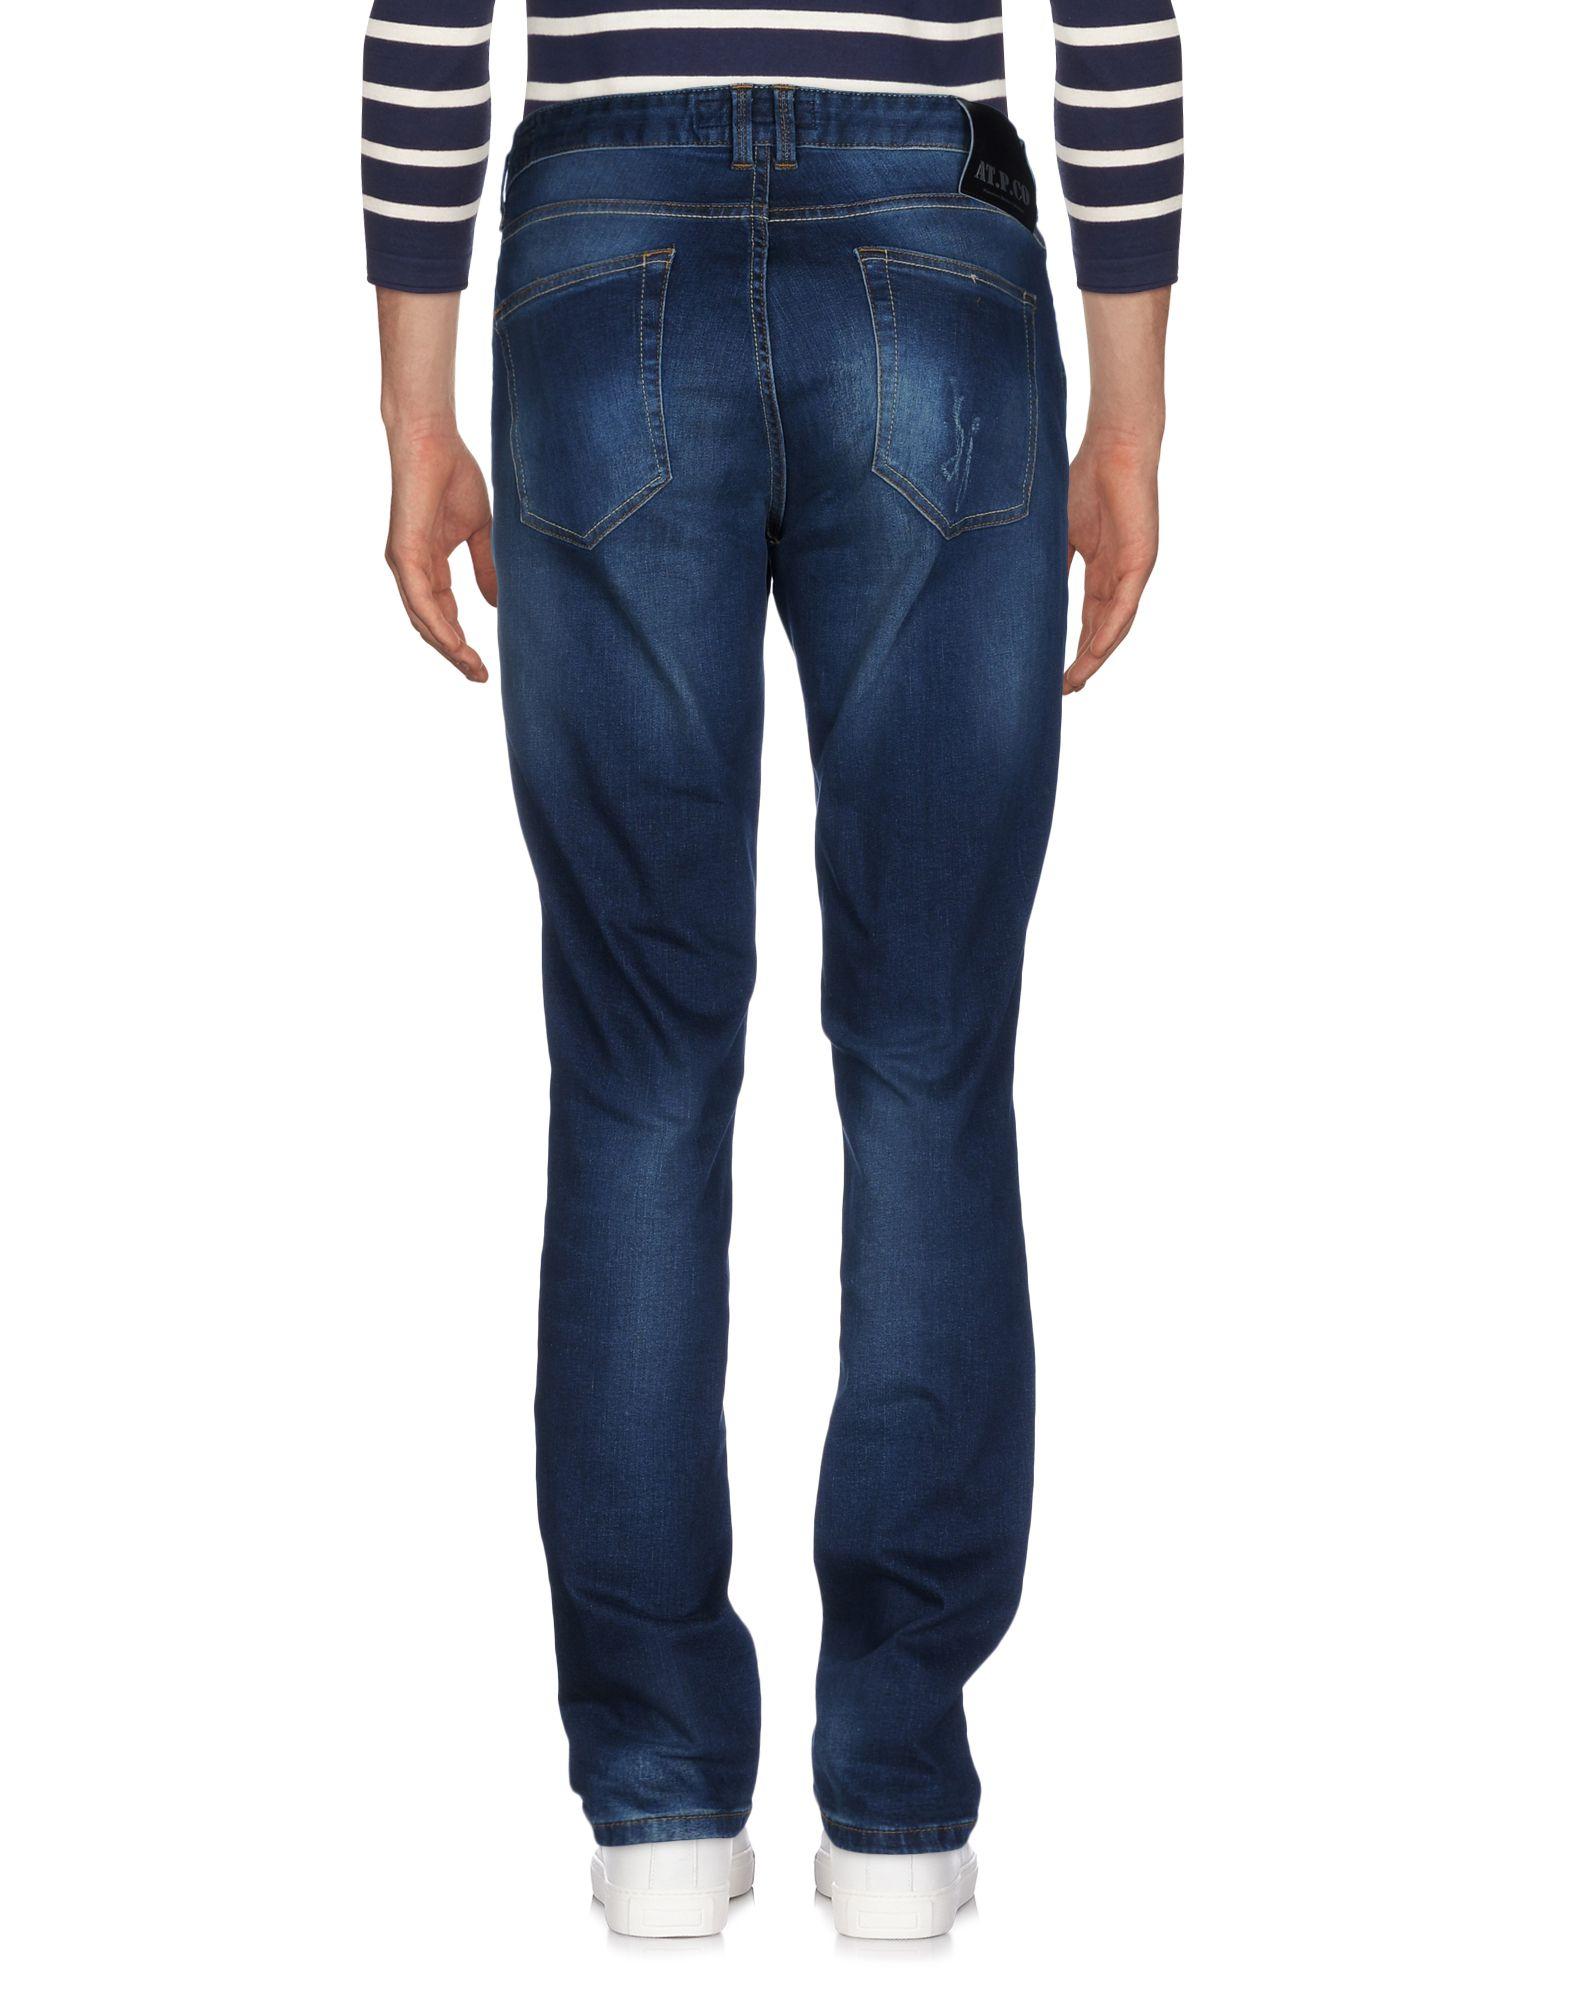 Pantaloni 42626281MR Jeans At.P.Co Uomo - 42626281MR Pantaloni f4e4dc